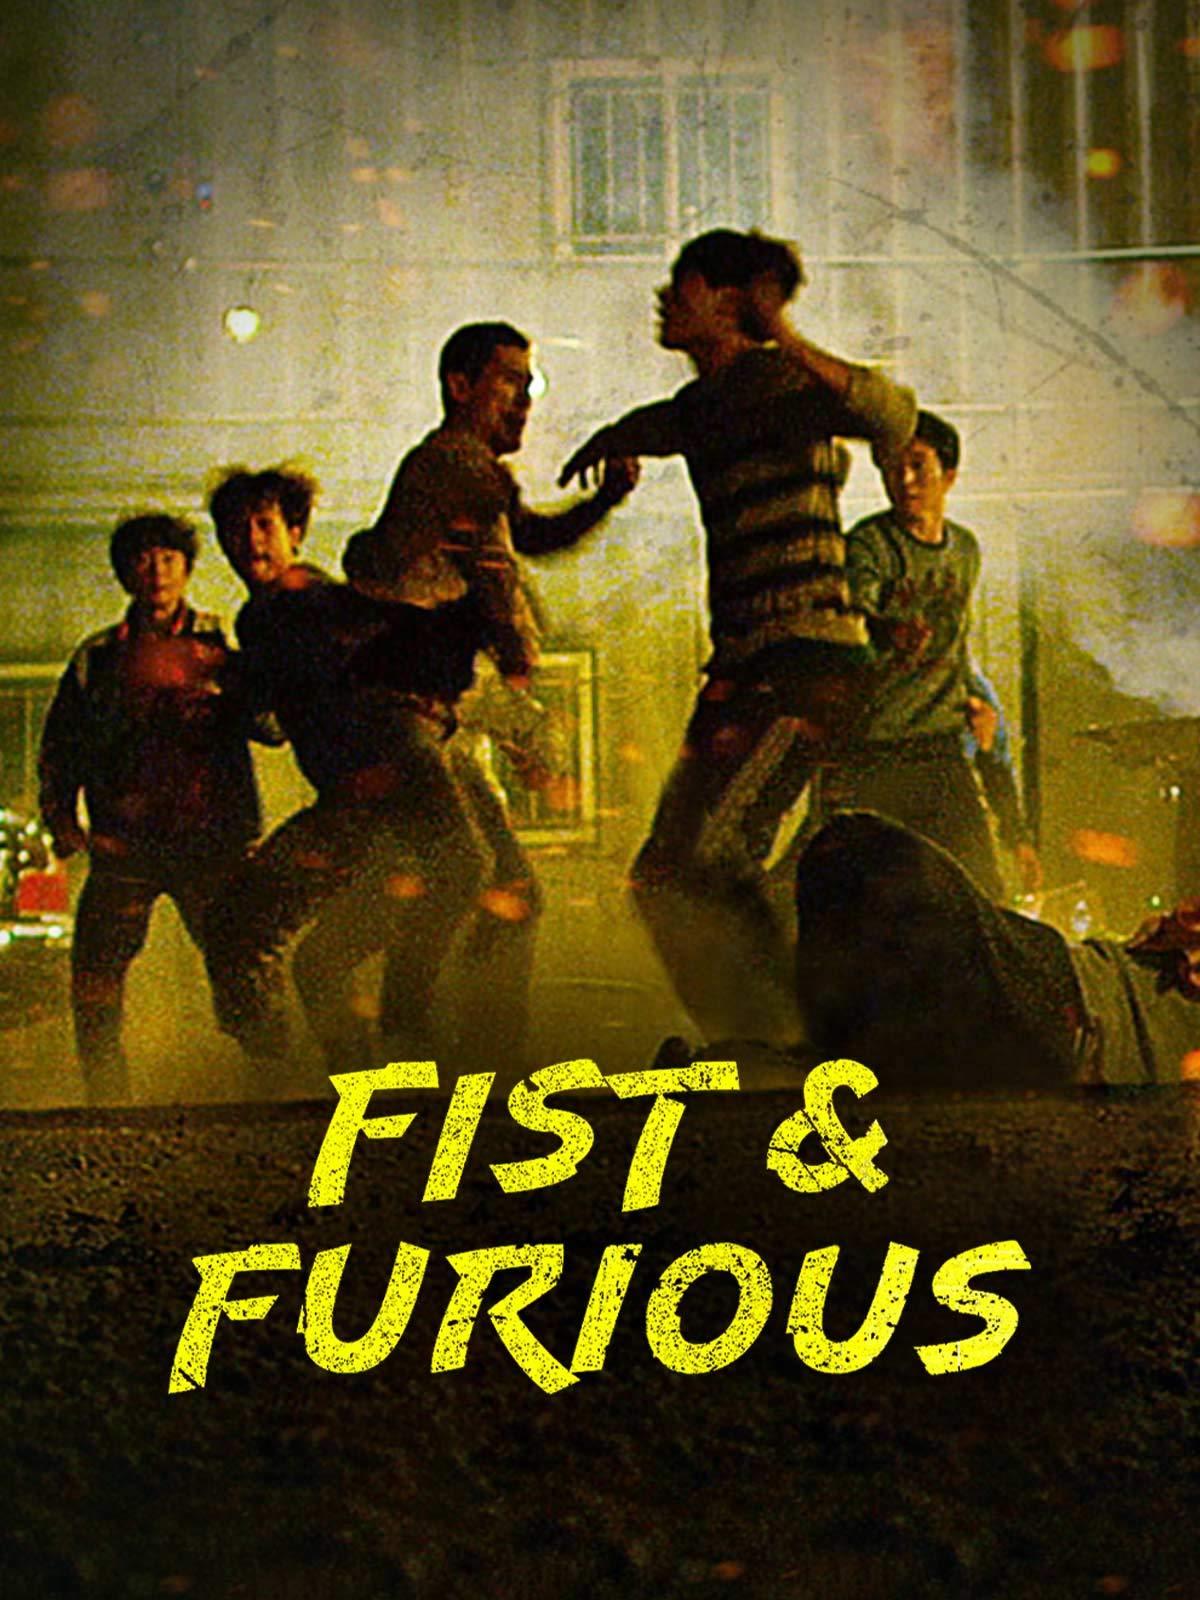 Hồ Sơ Bạo Lực - Fist and Furious